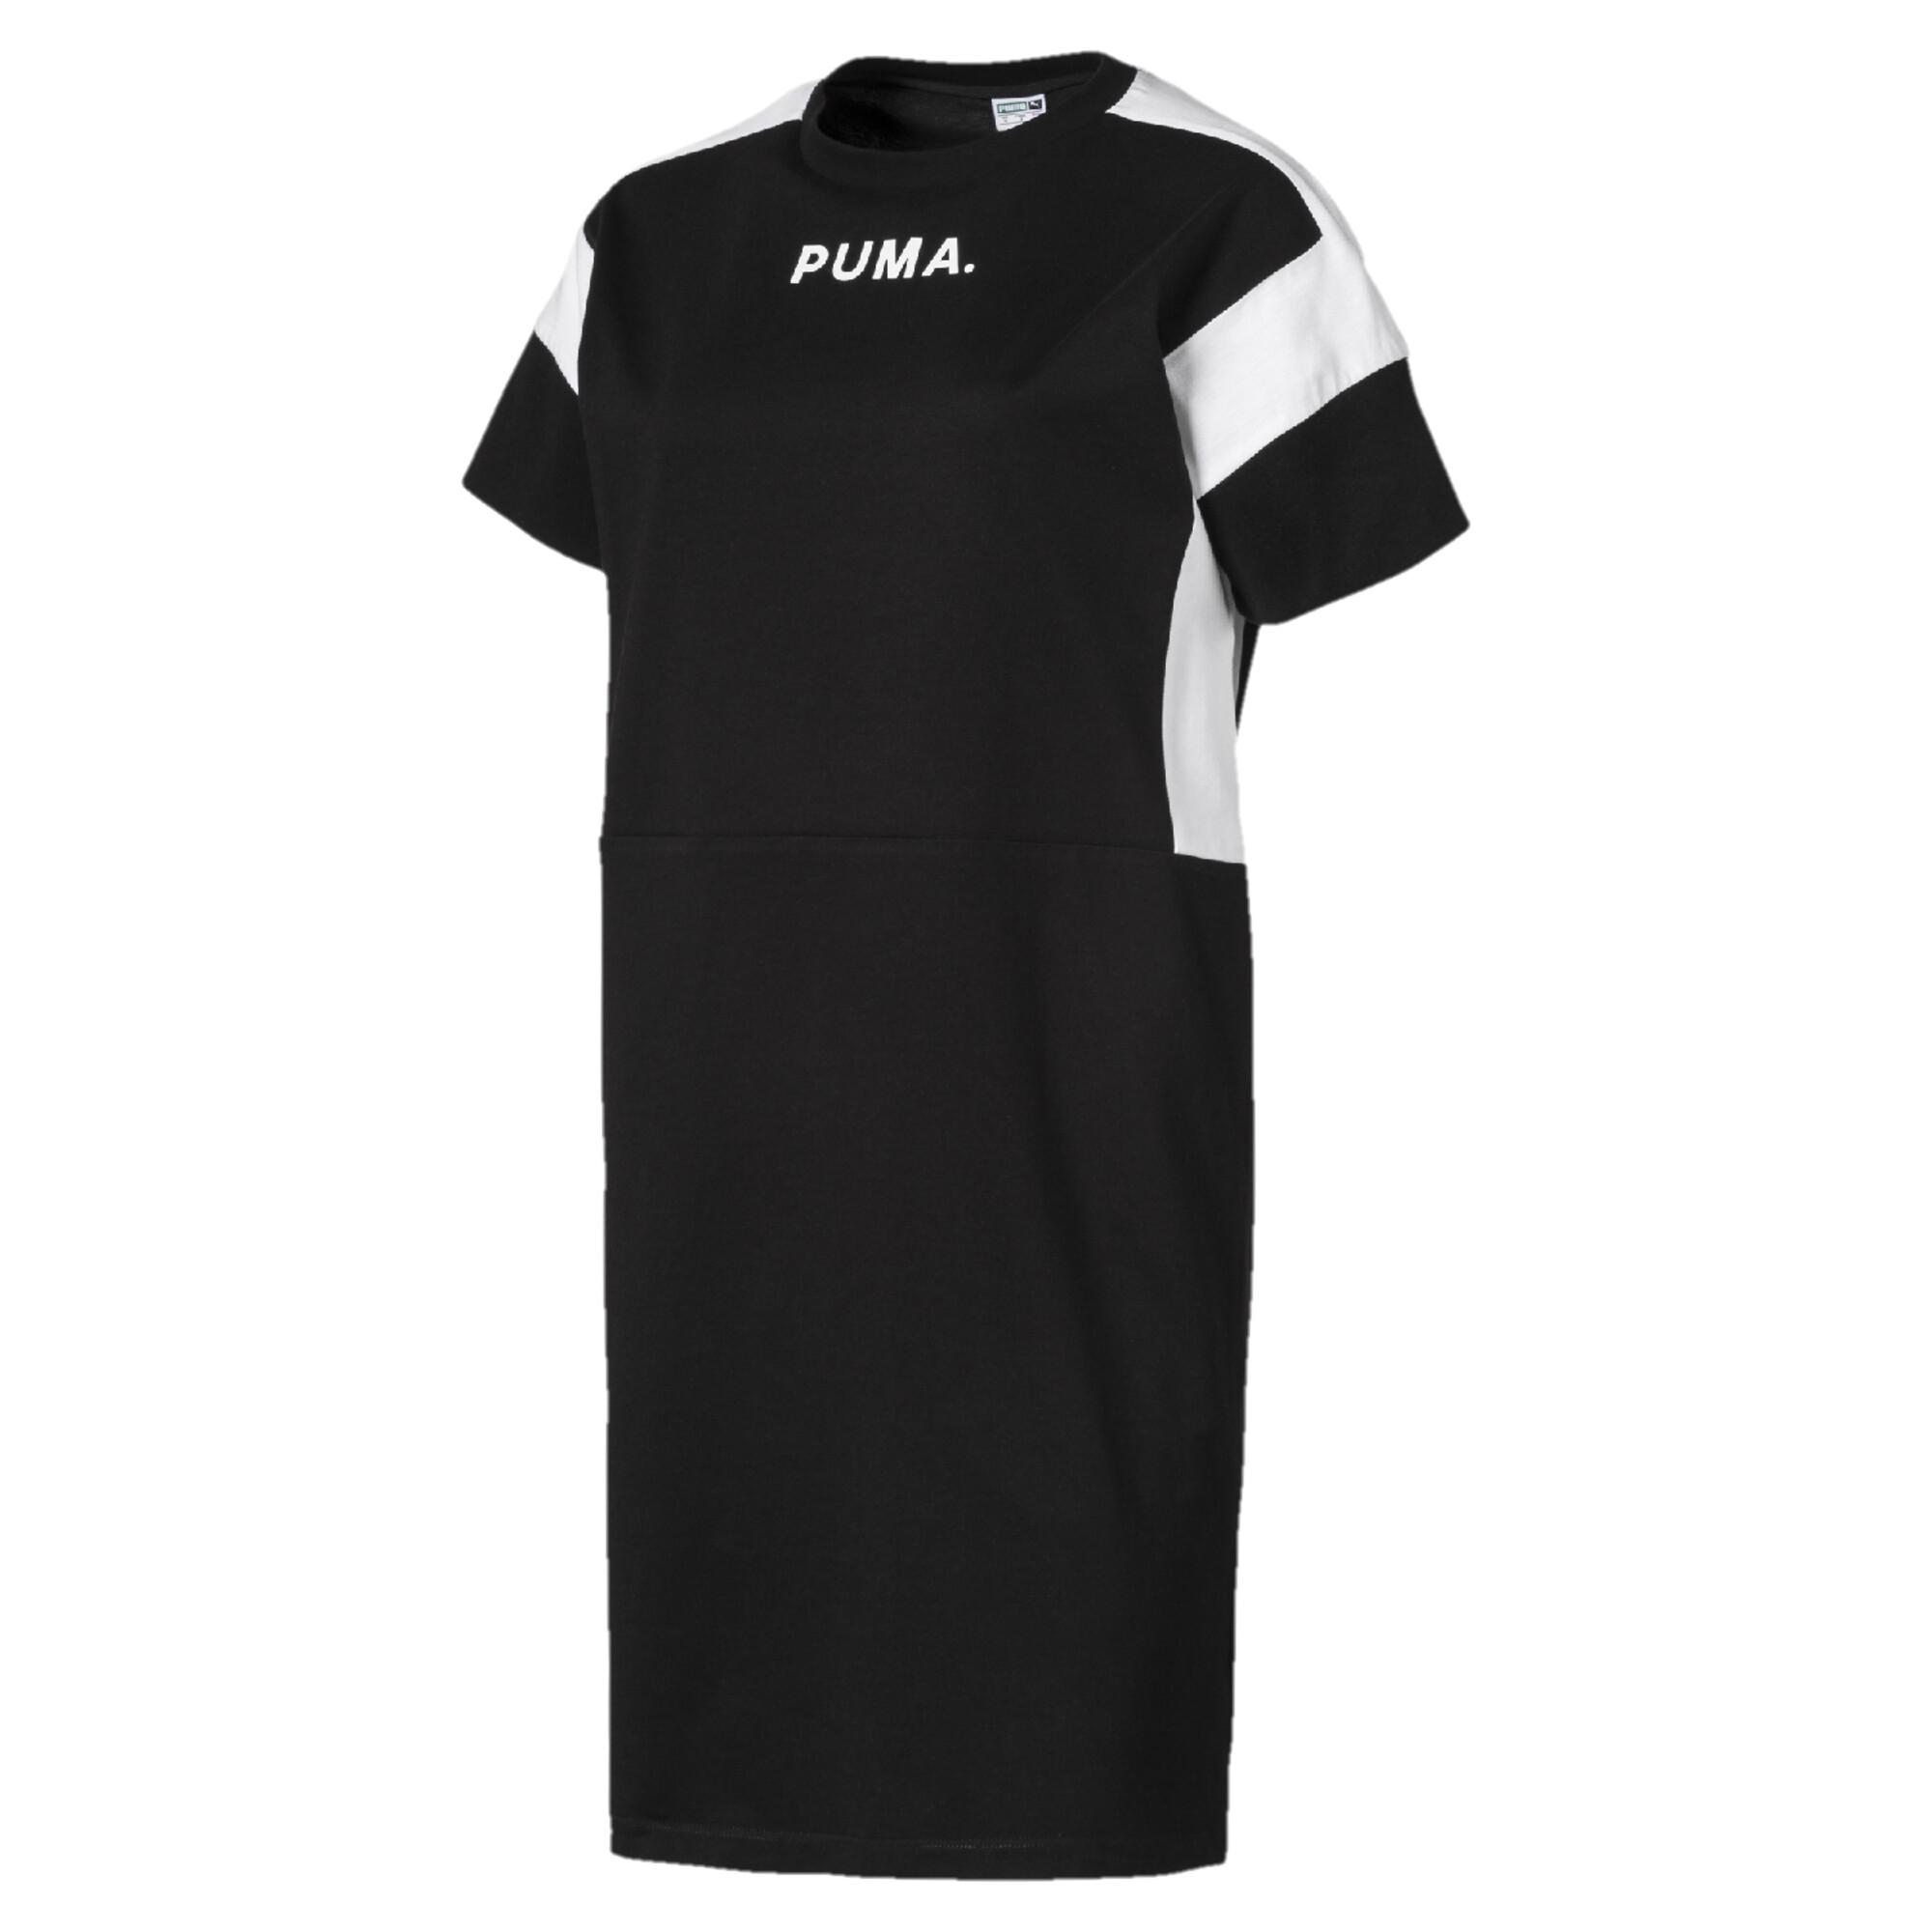 【プーマ公式通販】 プーマ CHASE ウィメンズ ドレス ウィメンズ Cotton Black |PUMA.com